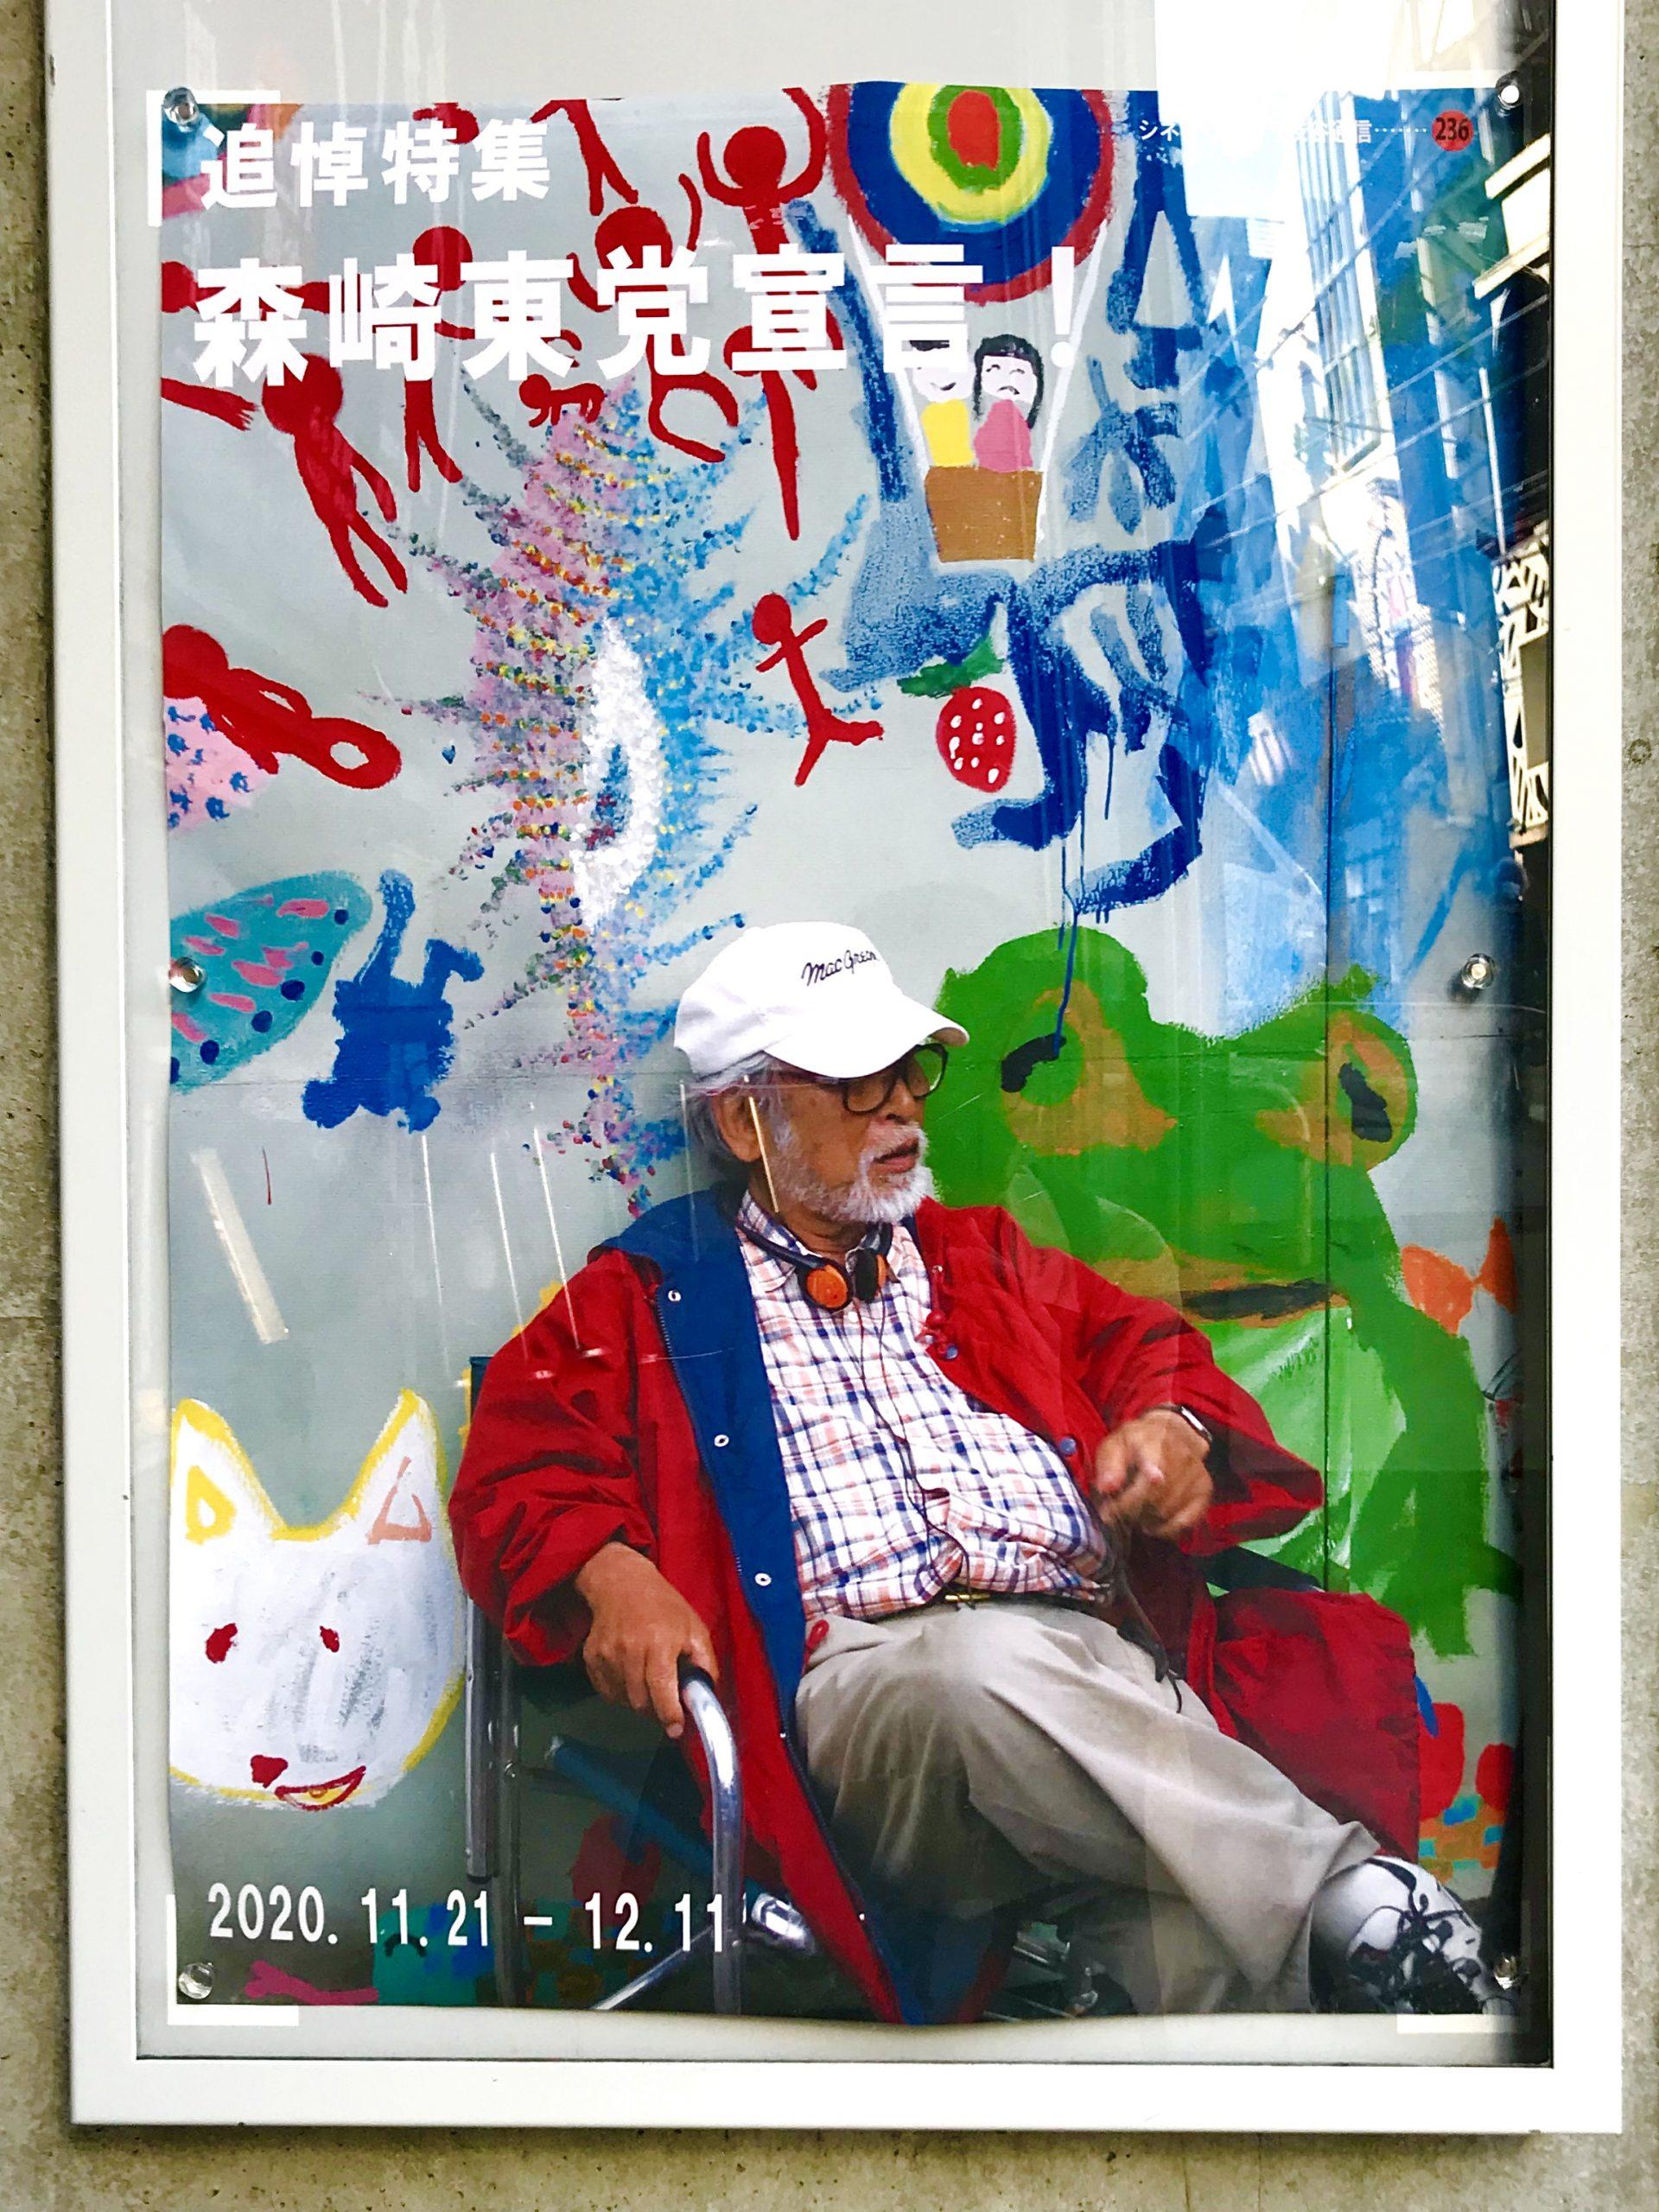 追悼特集 森崎東党宣言! <br>2020/11/21 ~ 2020/12/11 @シネマヴェーラ渋谷